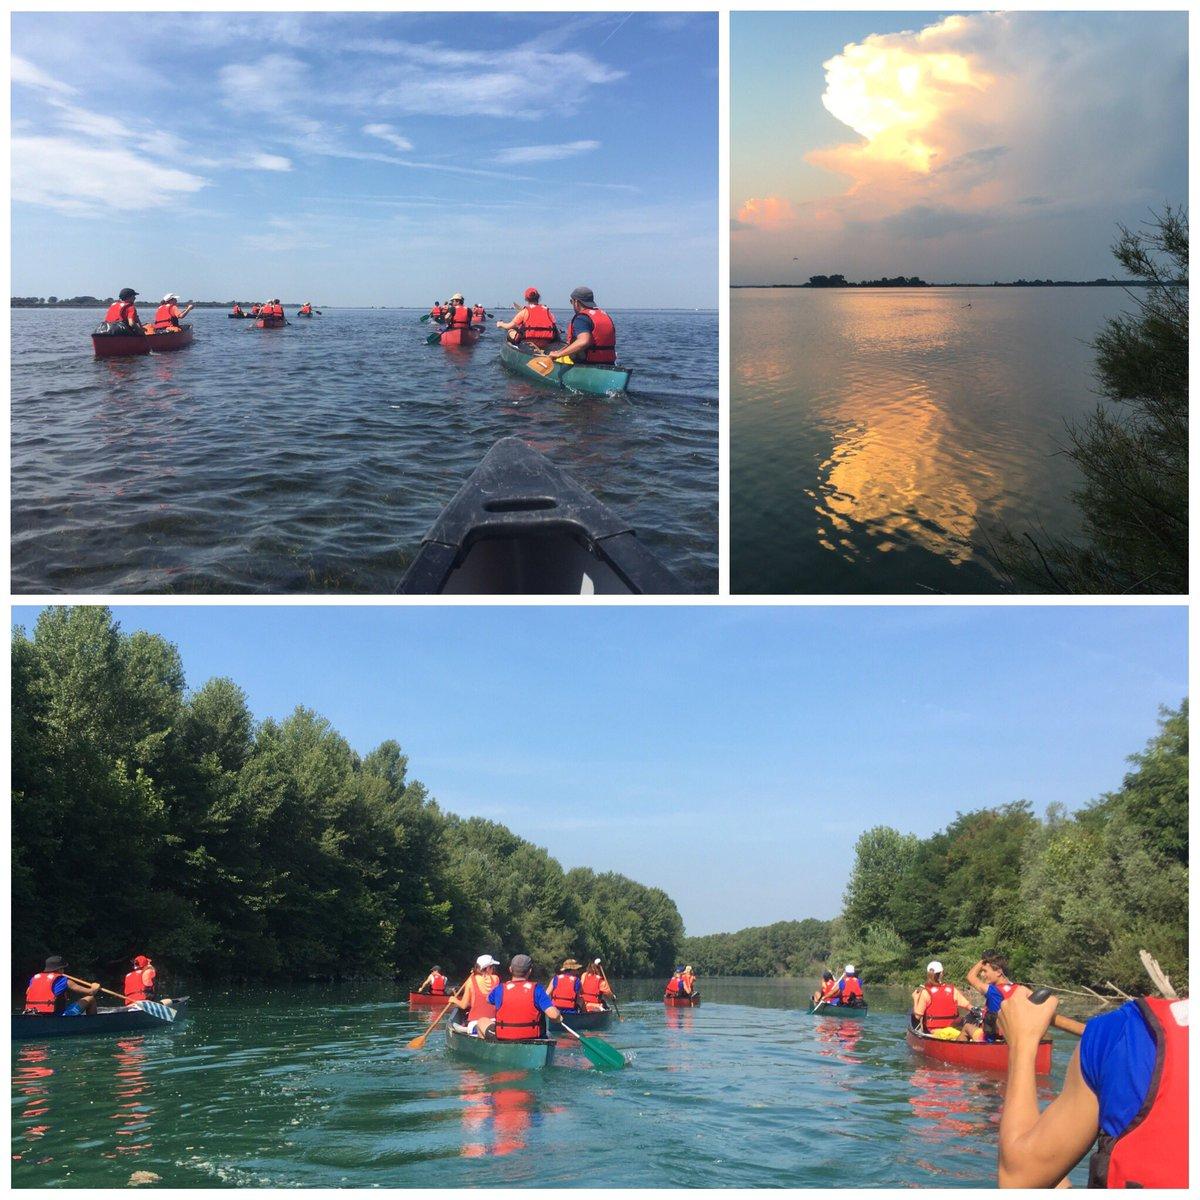 Diritti alla meta. Una settimana di impegno, scoperta e collaborazione: #canoa scuola di vita!#clanLaCordata @agescivr3 #scout Tagliamento e laguna di Marano e Grado  - Ukustom